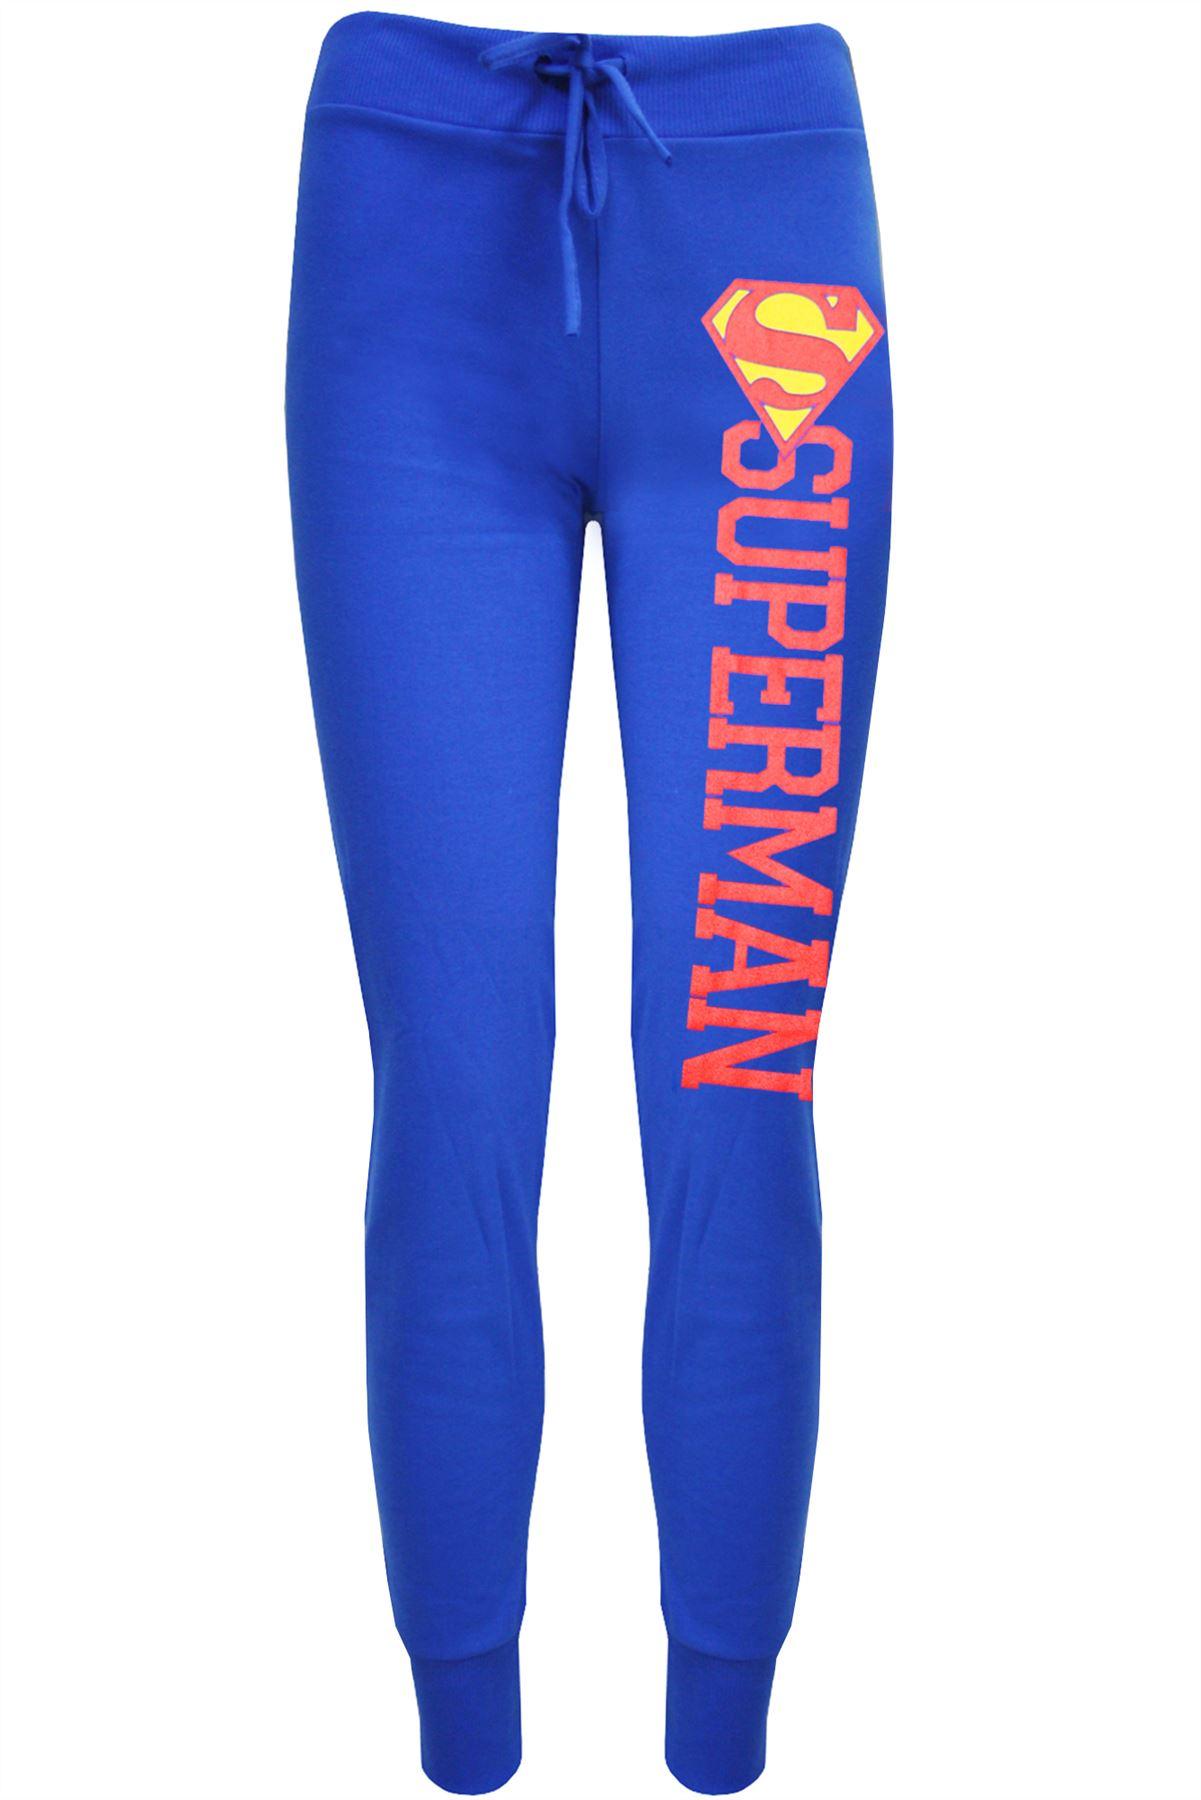 Womens Ladies Superman Batman Logo Jog Bottoms Jogging Pants Trouser Plus Size